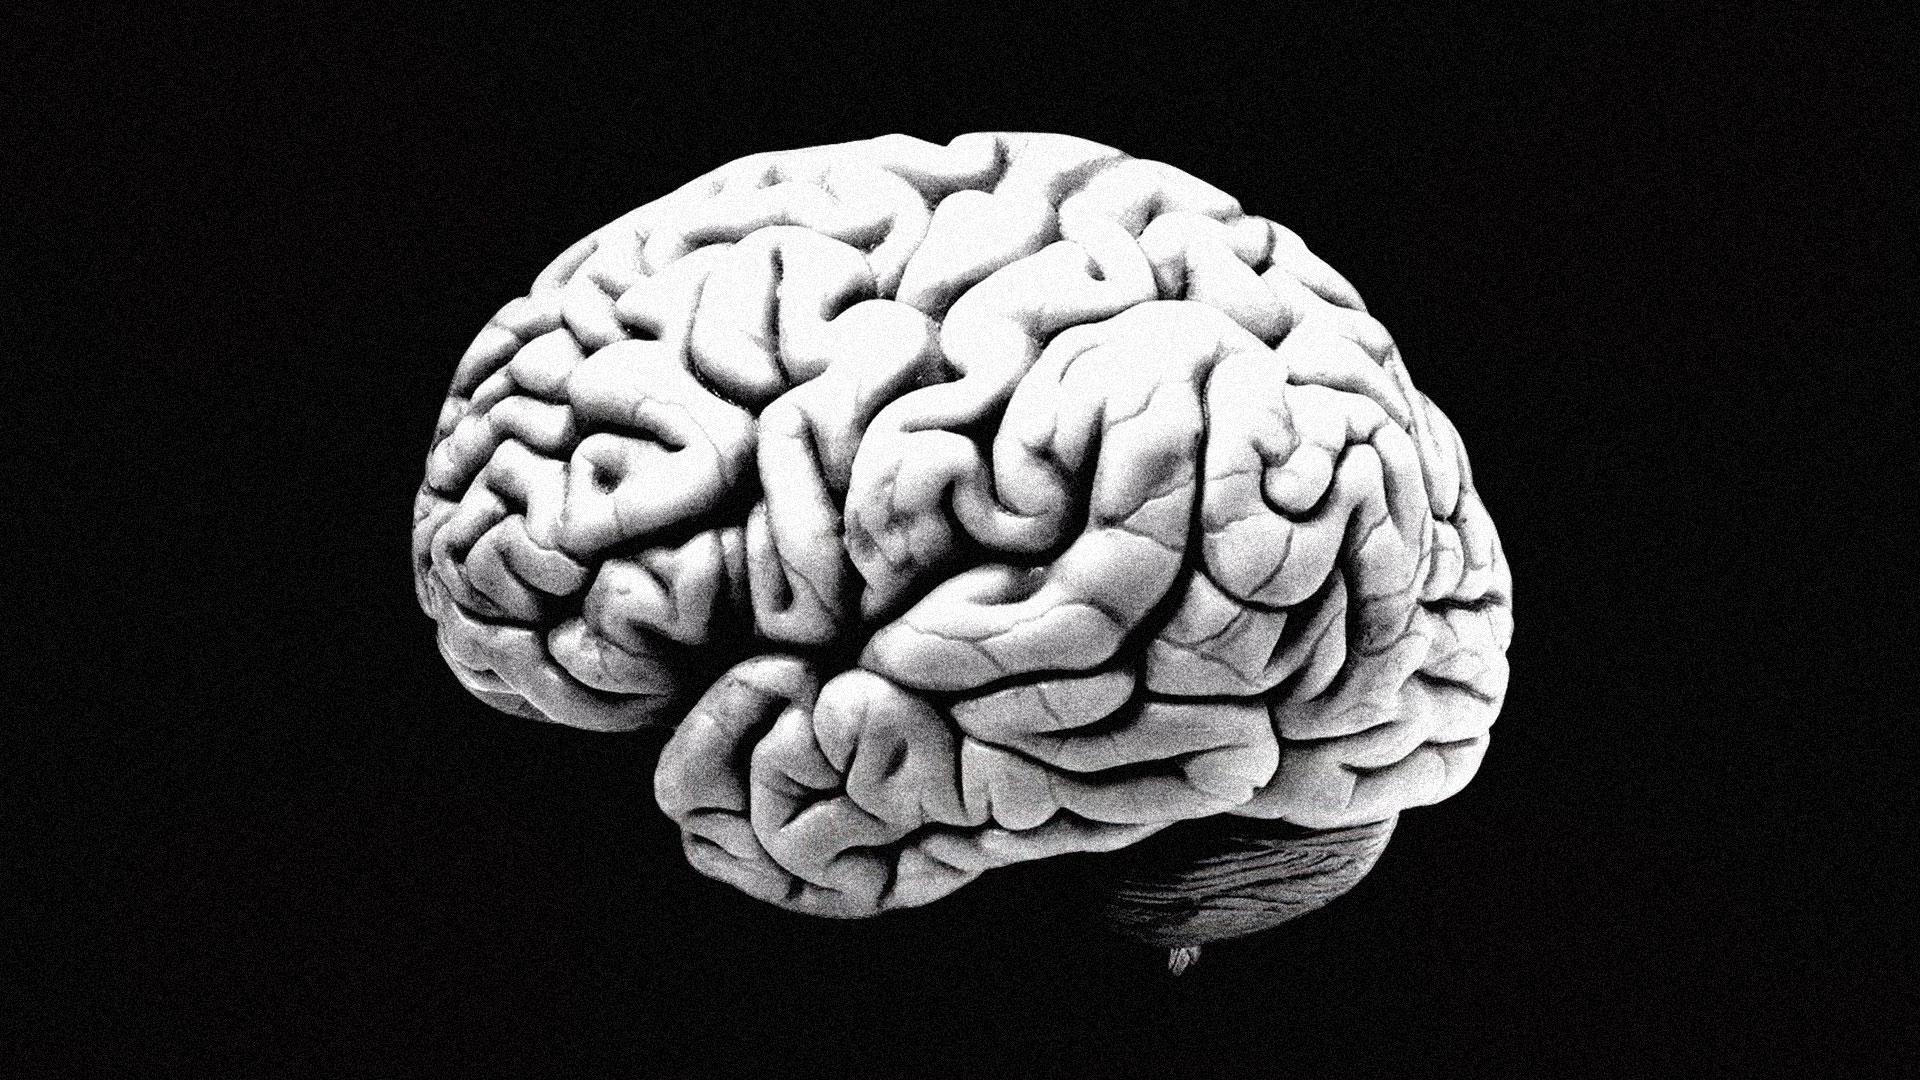 hjerne.jpg